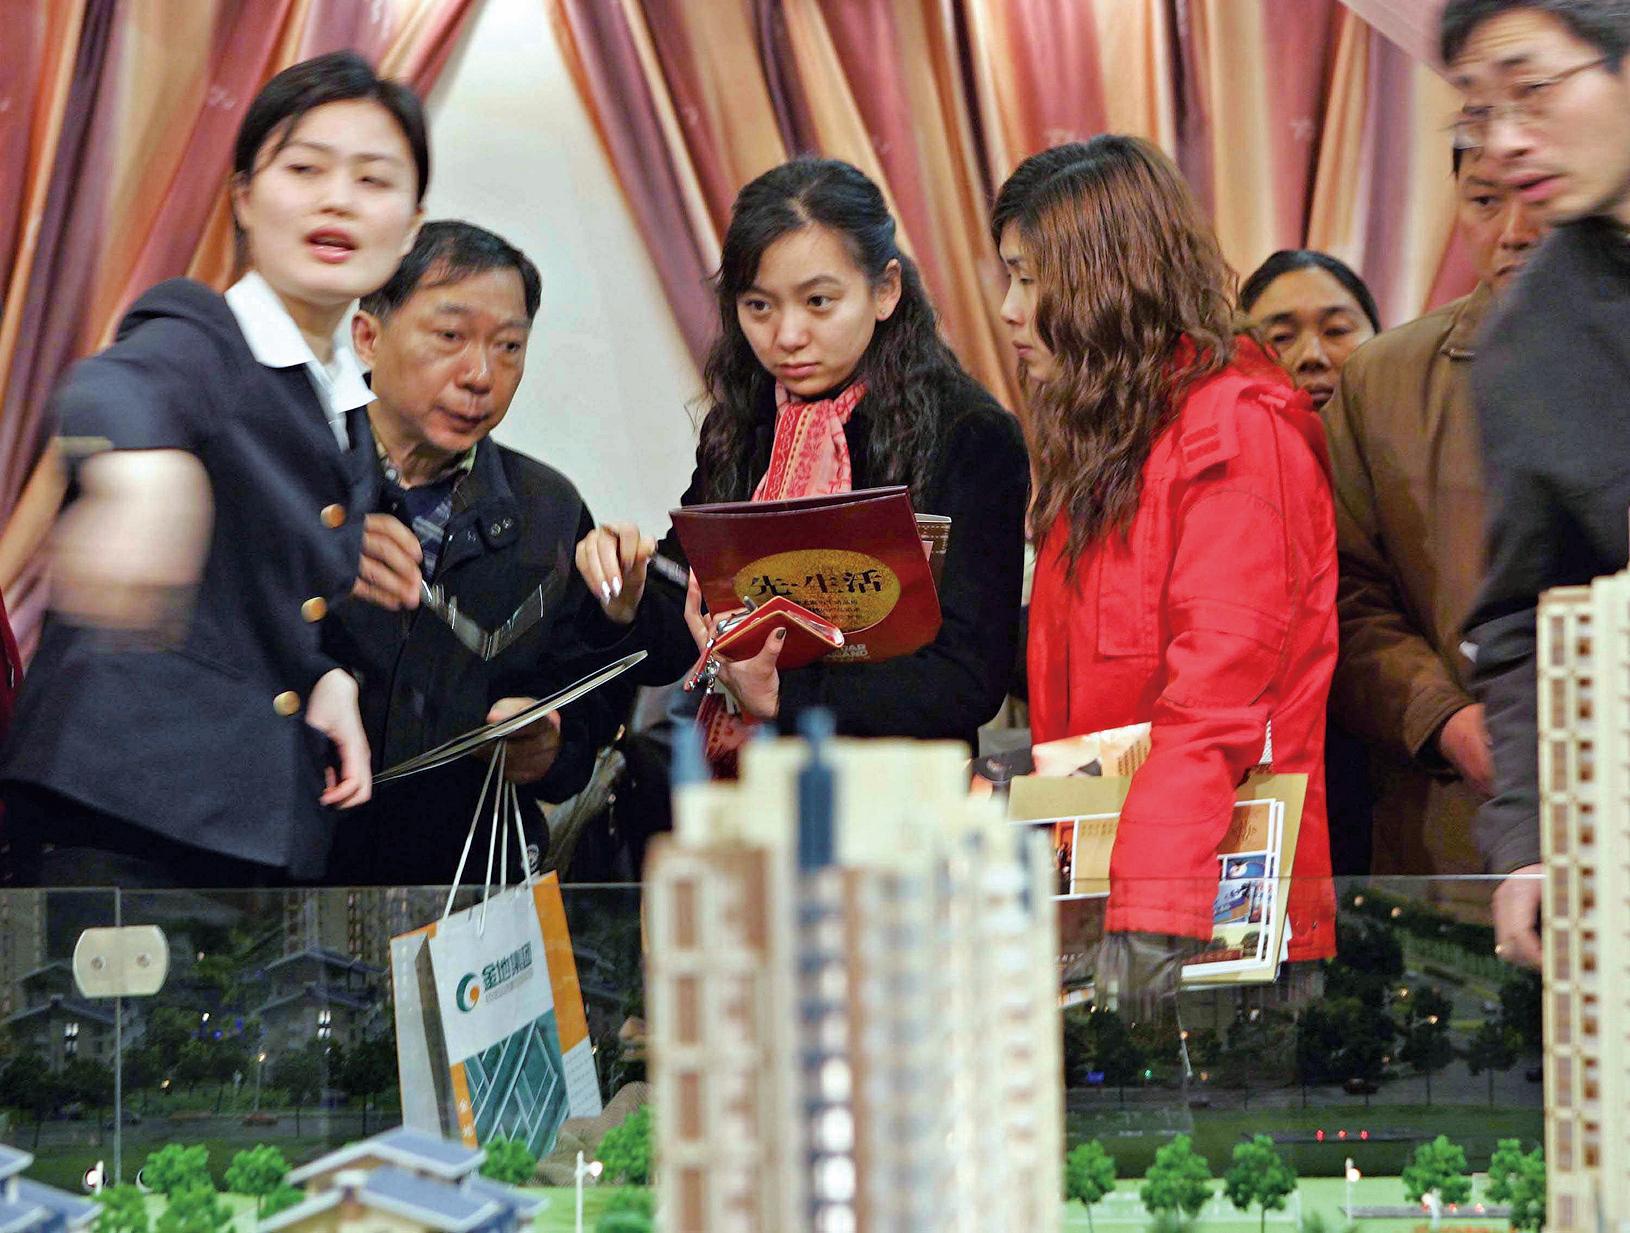 官媒炮轟上海樓市管理失效